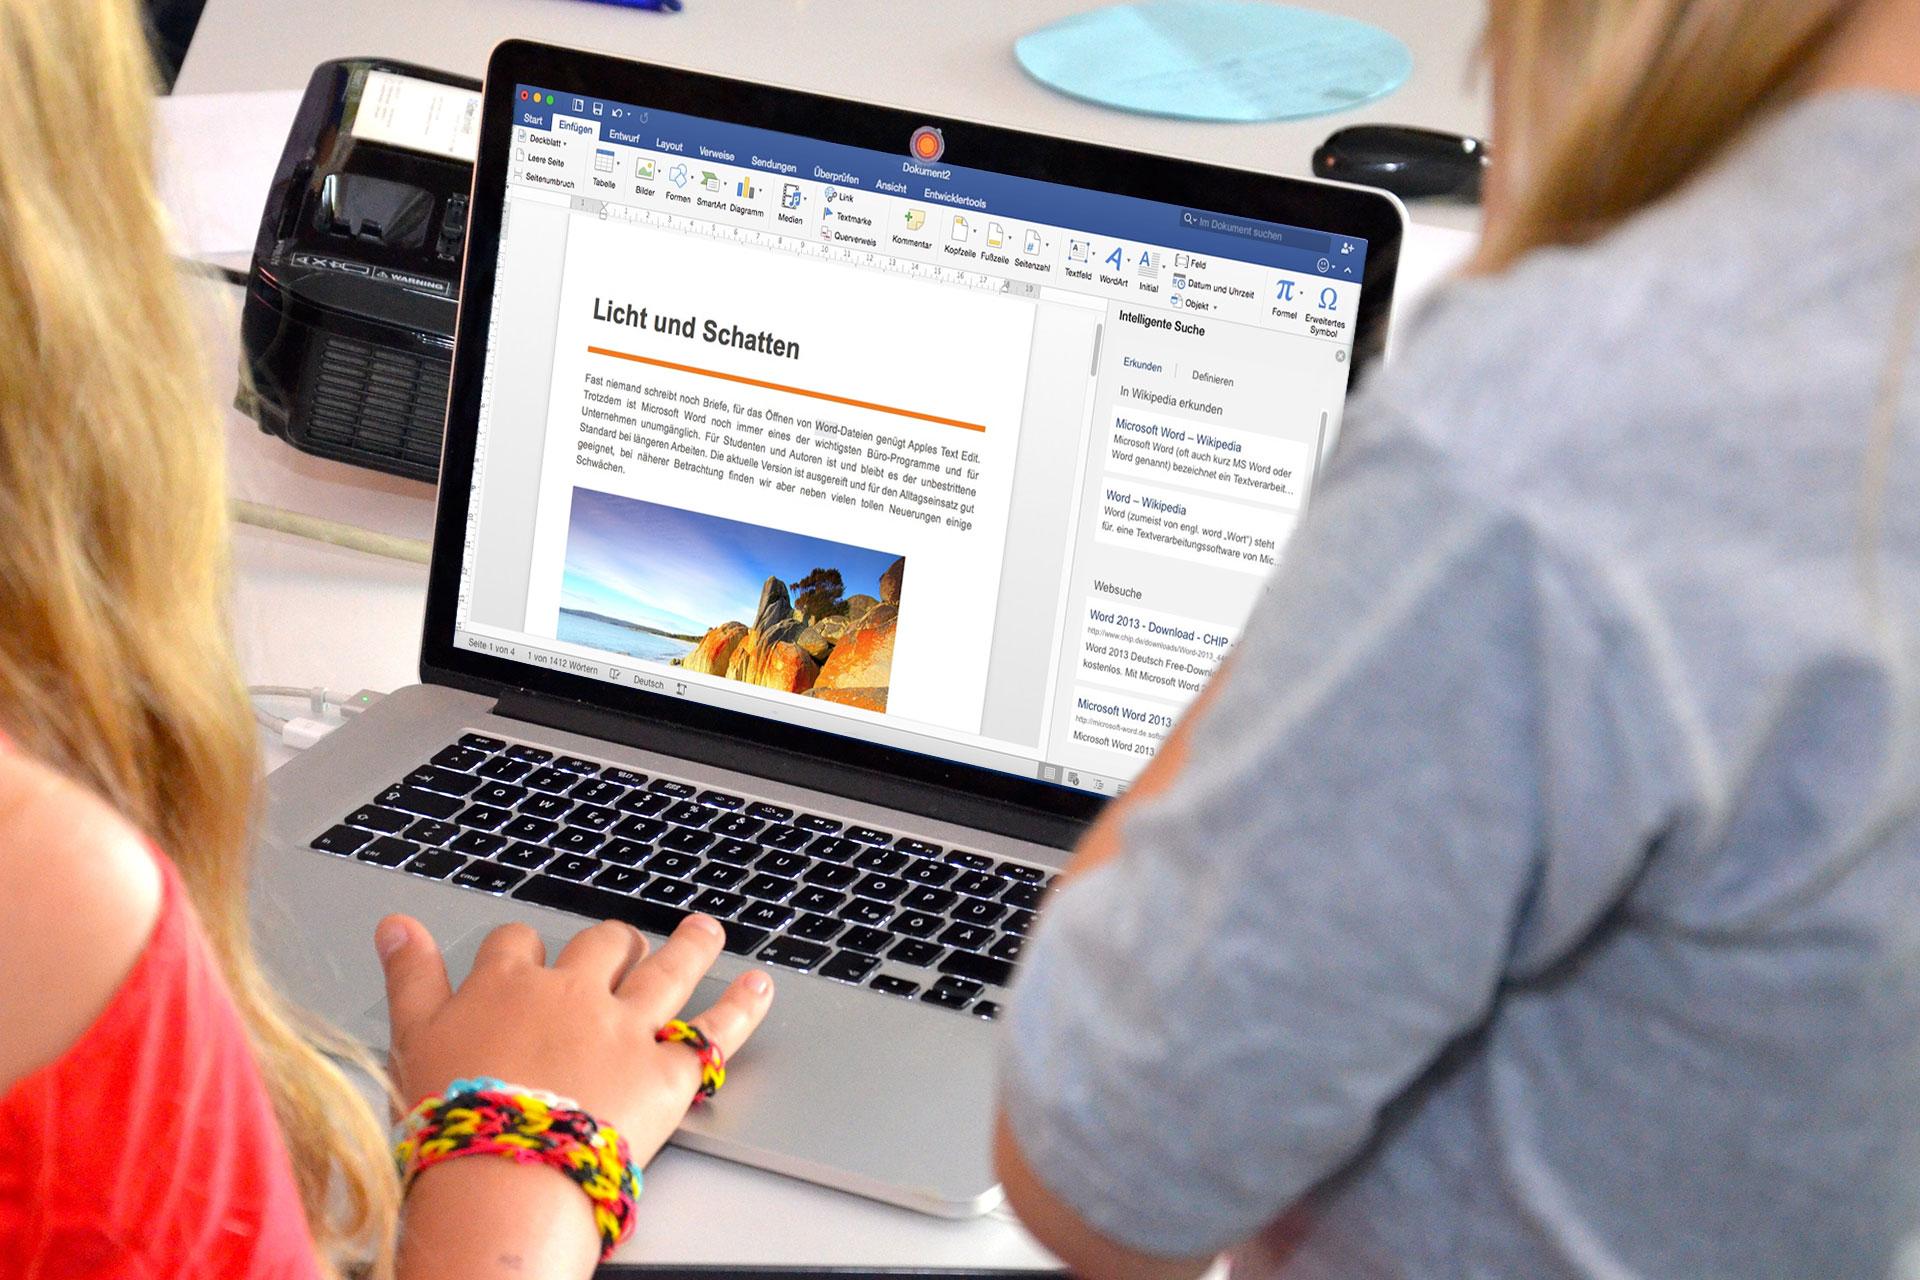 zwei Schülerinnen arbeiten am Laptop an einem Worddokument